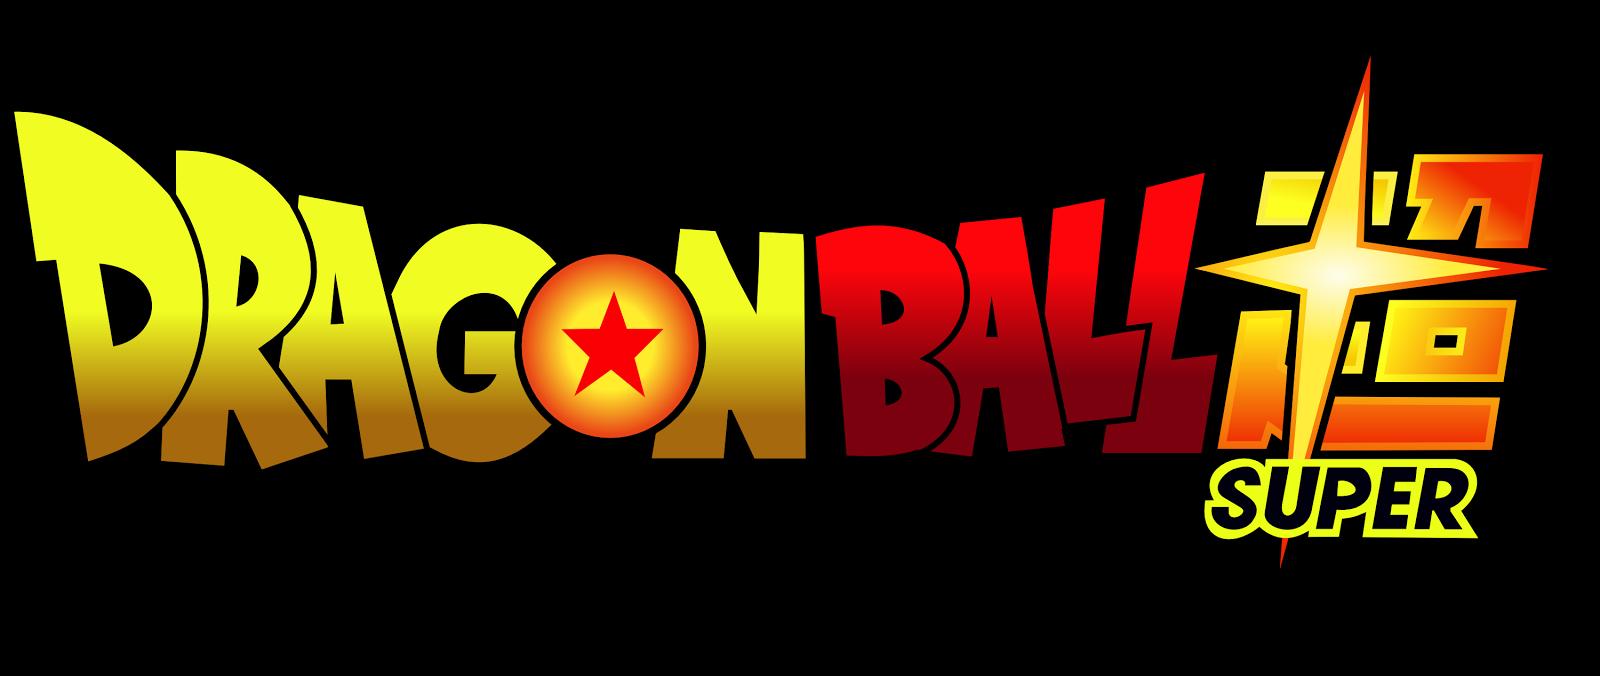 Dragon Ball Super Logo Png: ANIVERSARIO DE DRAGON BALL SUPER